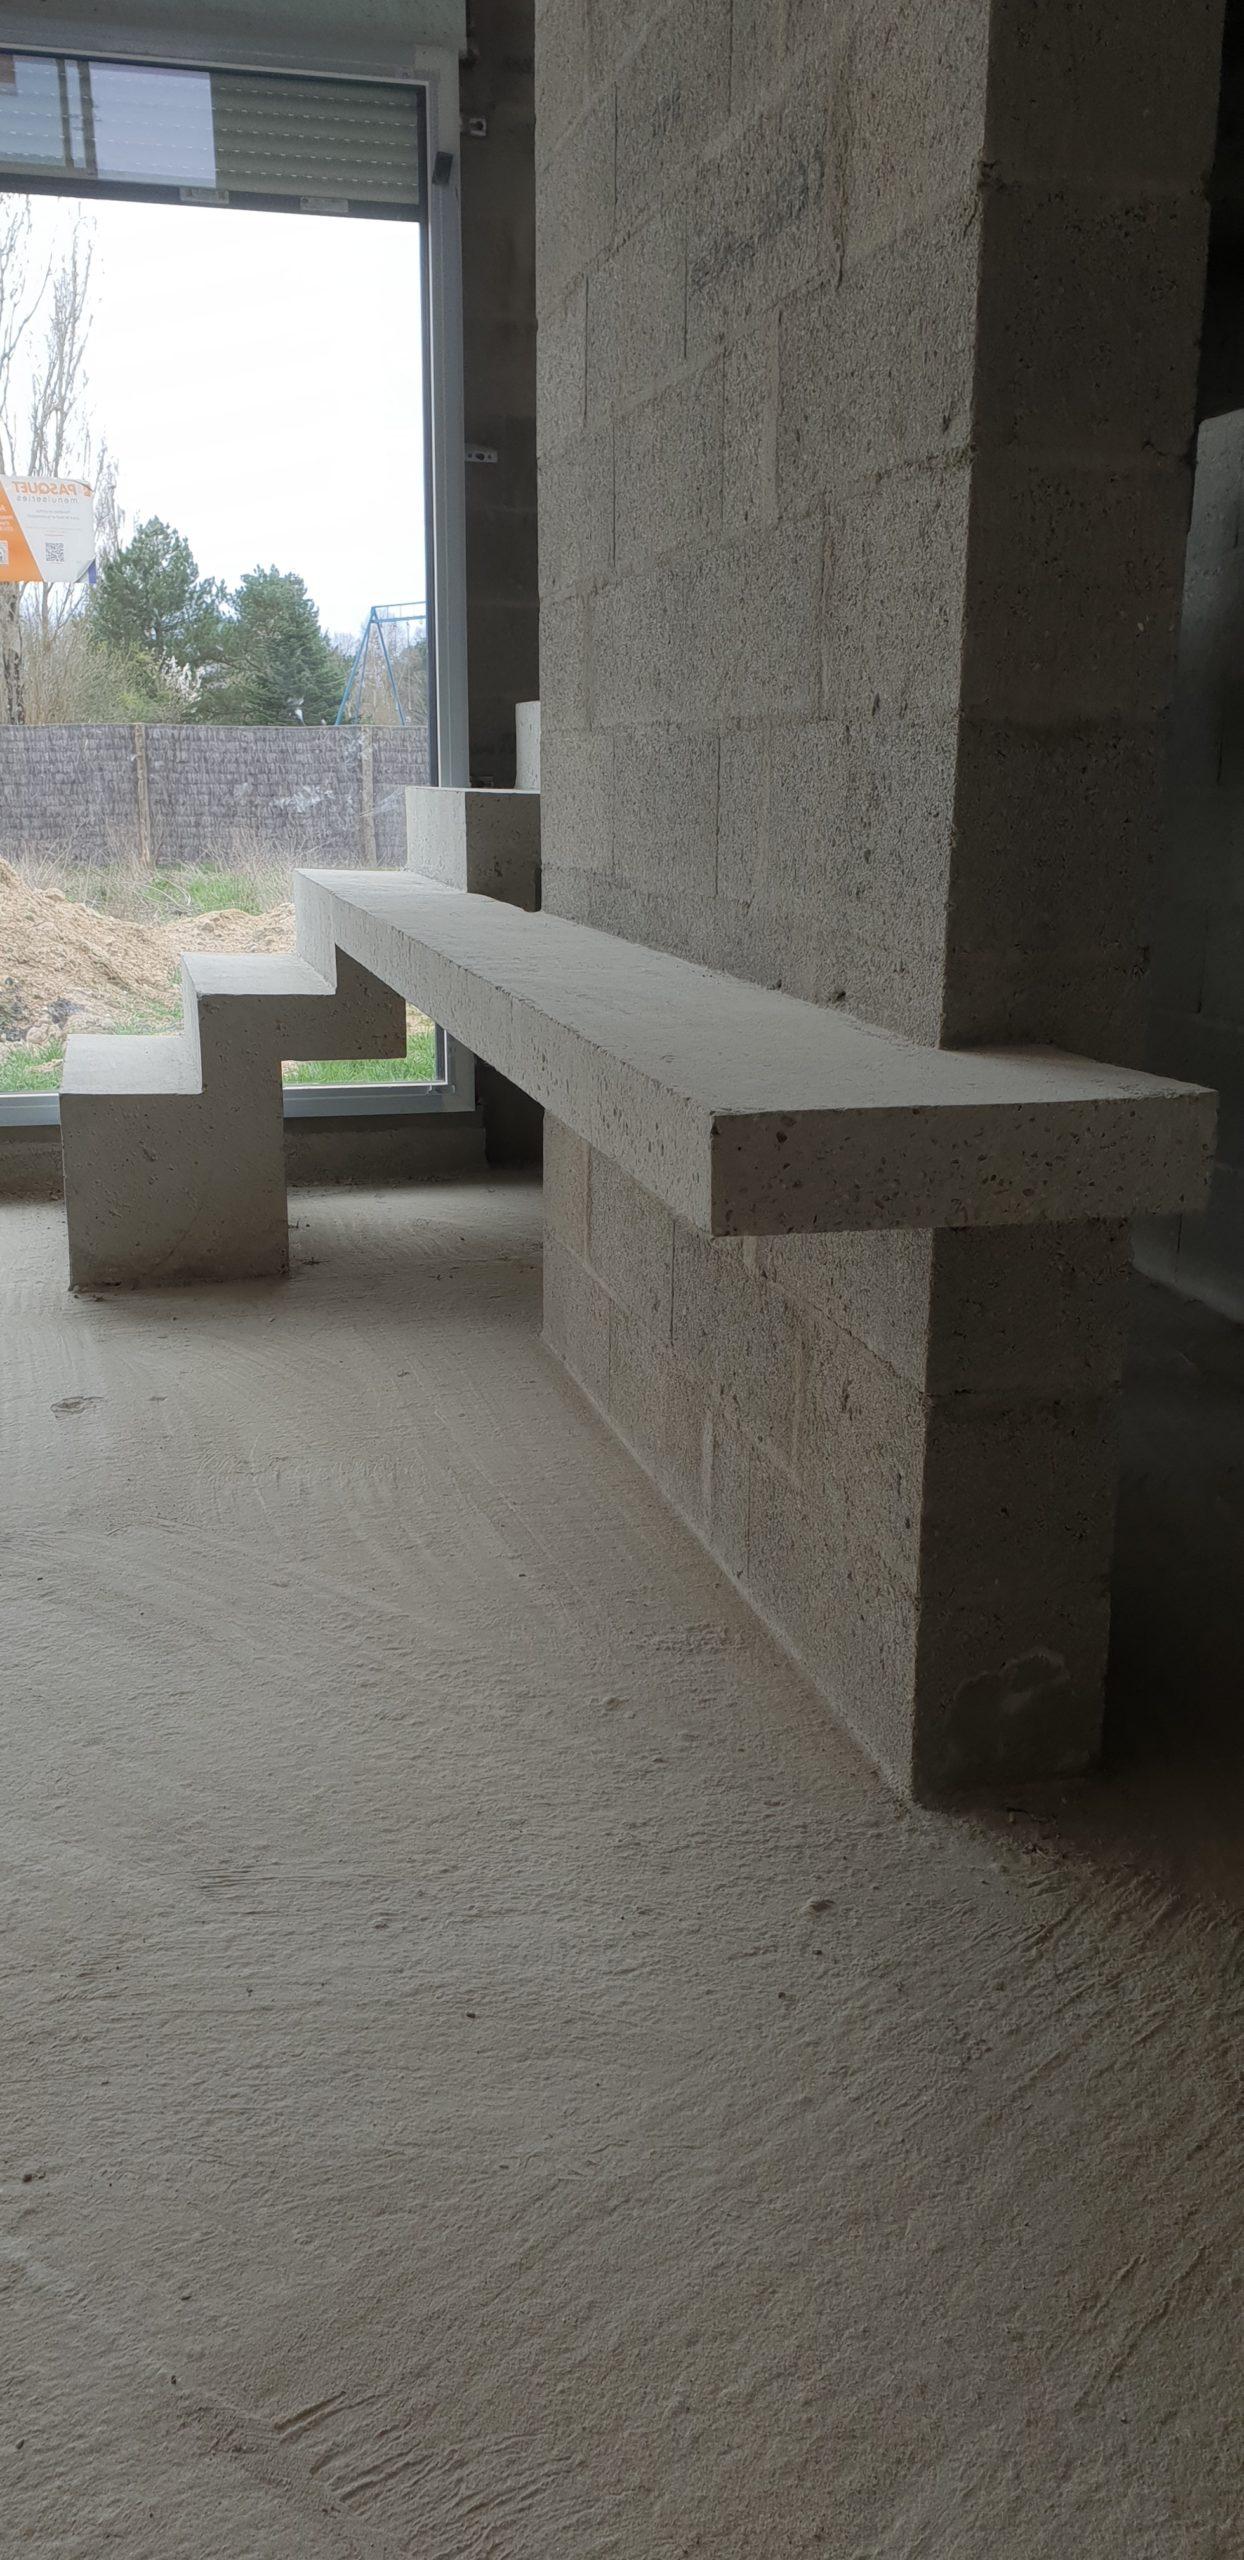 Escalier avec son meuble de télévision en béton